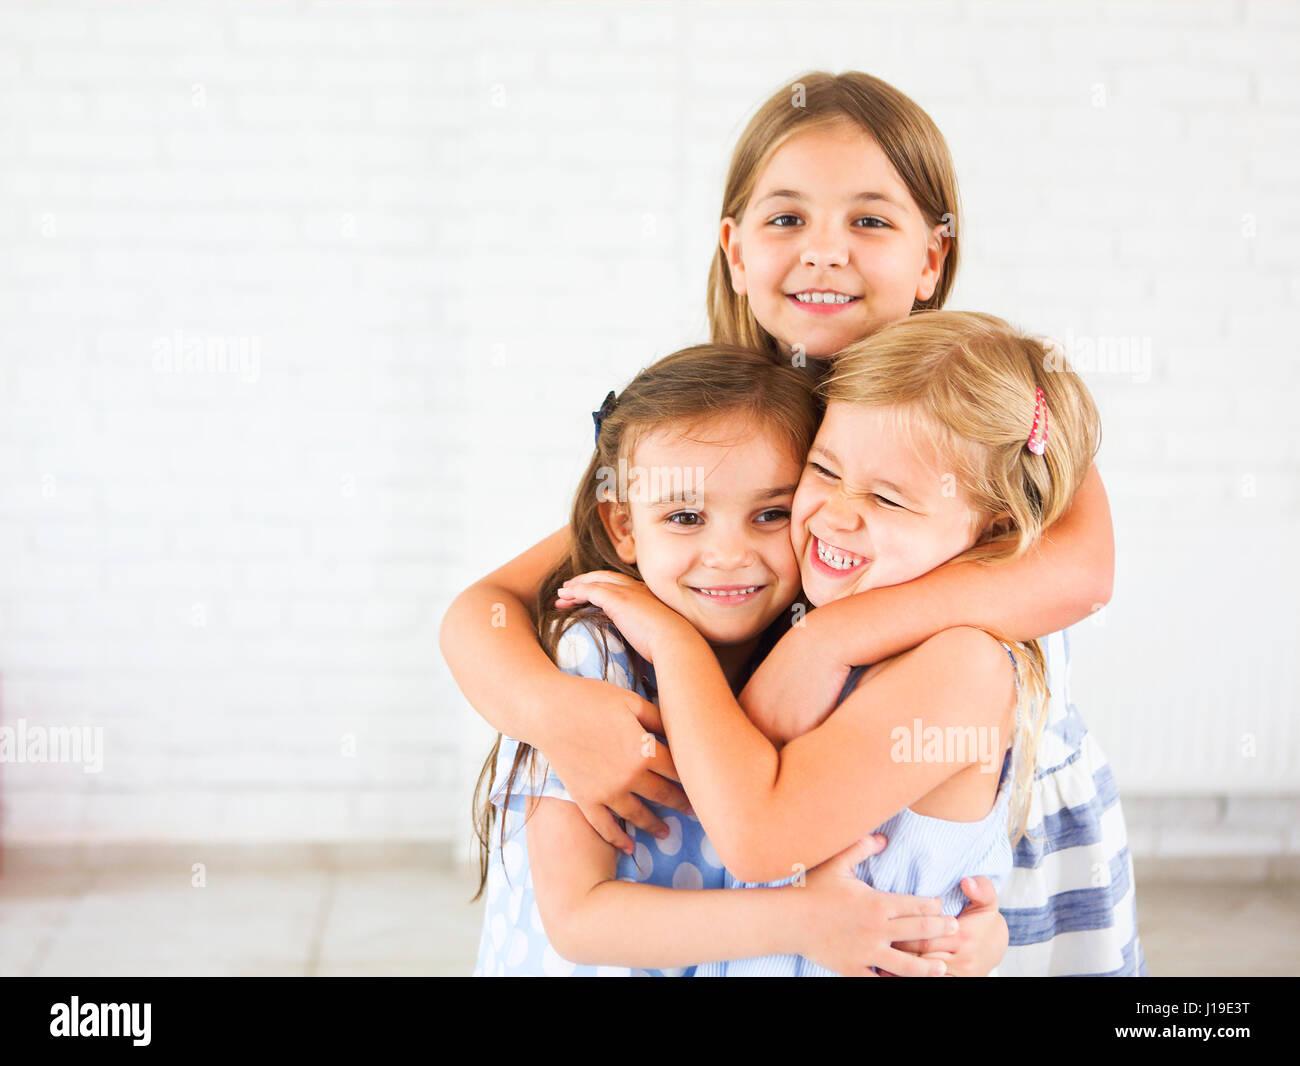 Happy funny ragazze abbracciare insieme. Il concetto di amicizia Immagini Stock